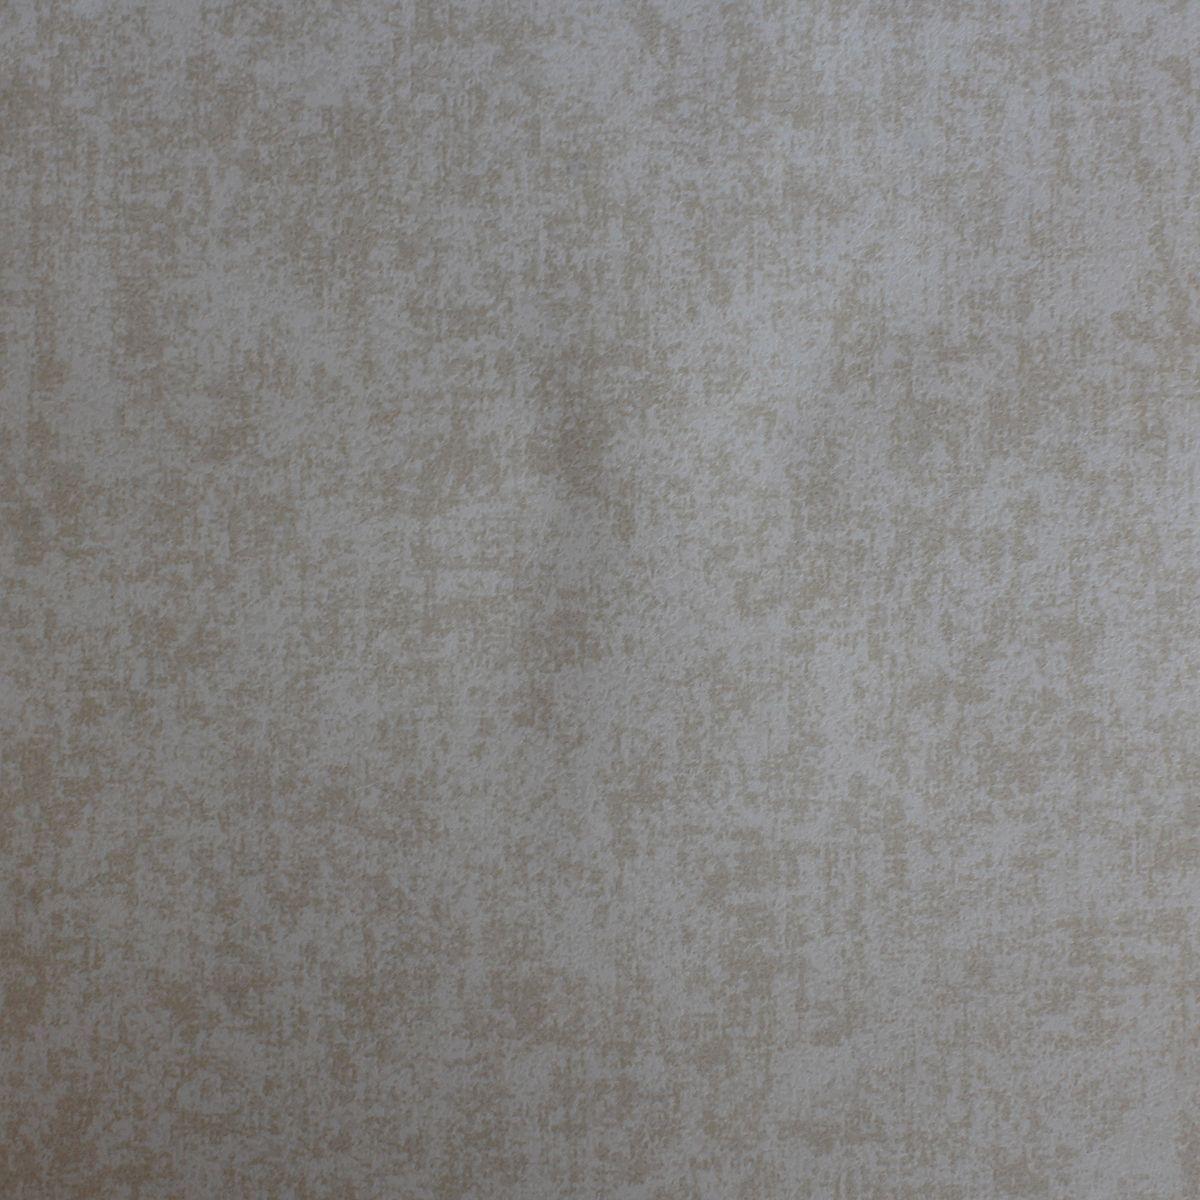 Papel De Parede De Pvc 0 53 X 10m Grafiato Bege E Palha R 78 90  -> Fotos De Paredes Com Grafiato